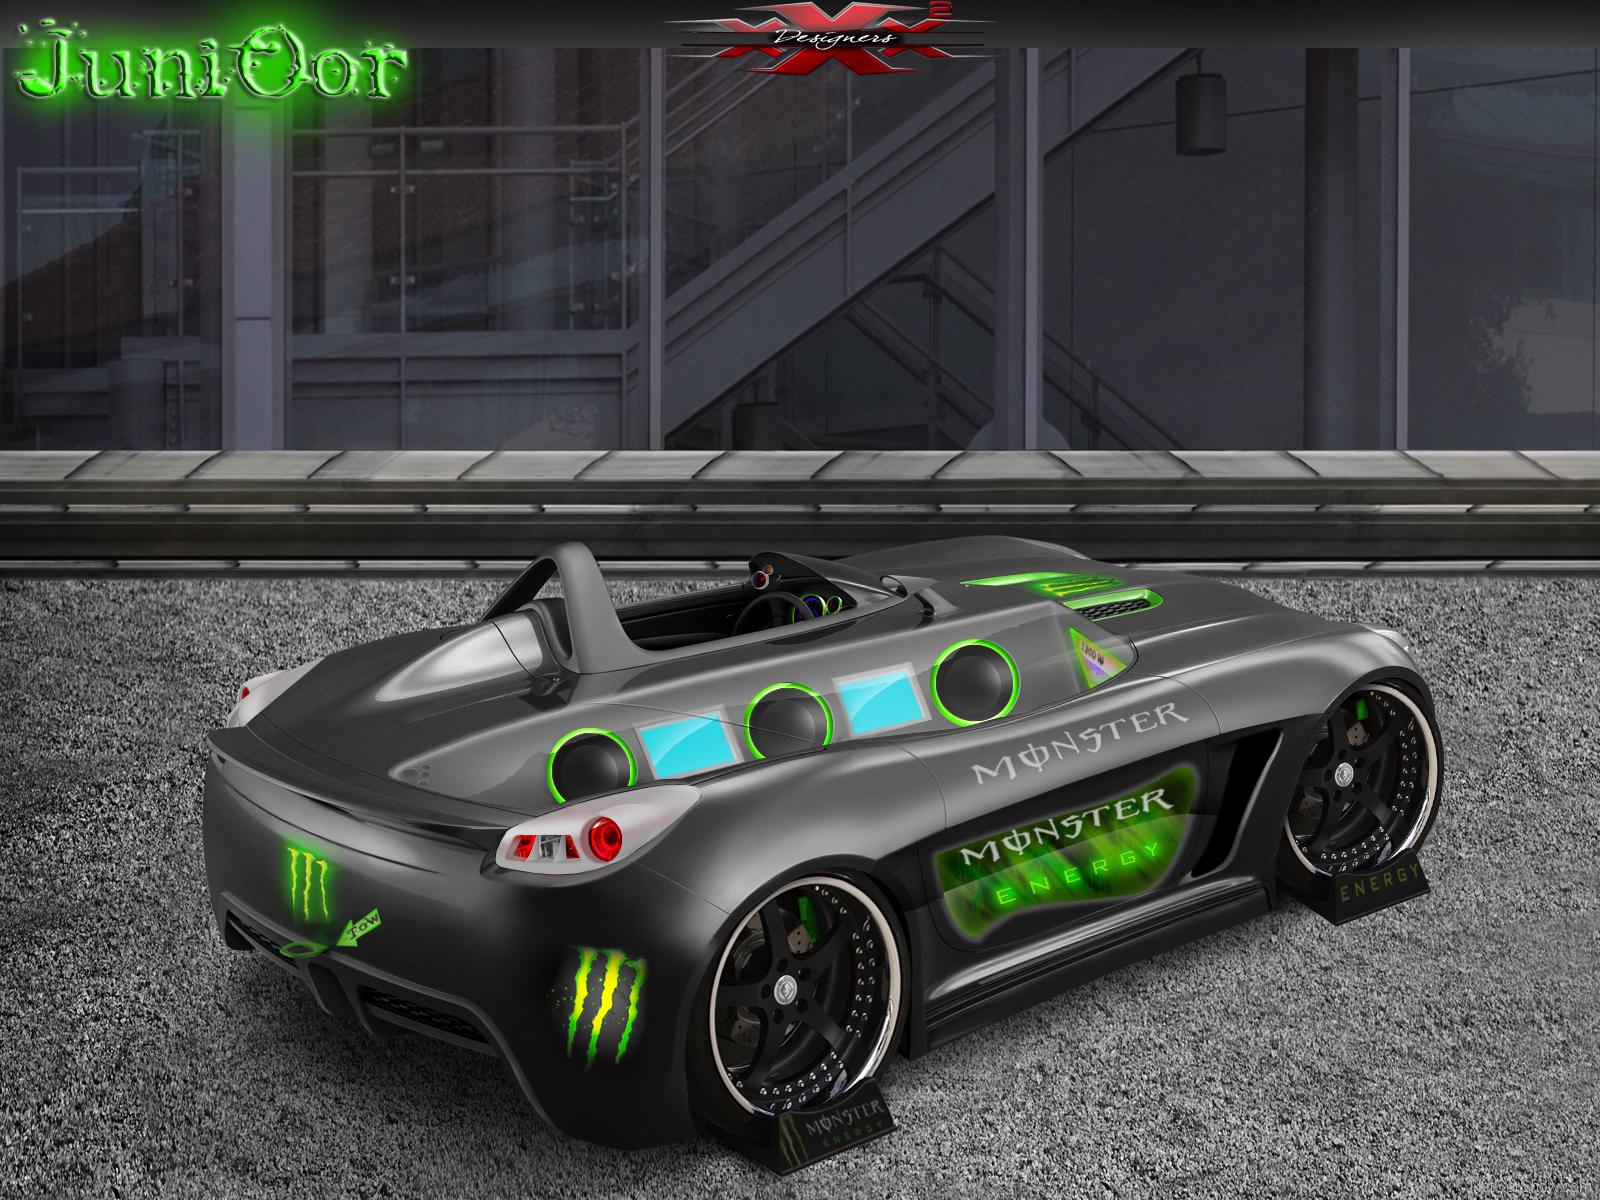 Monster Energy Car Wallpaper